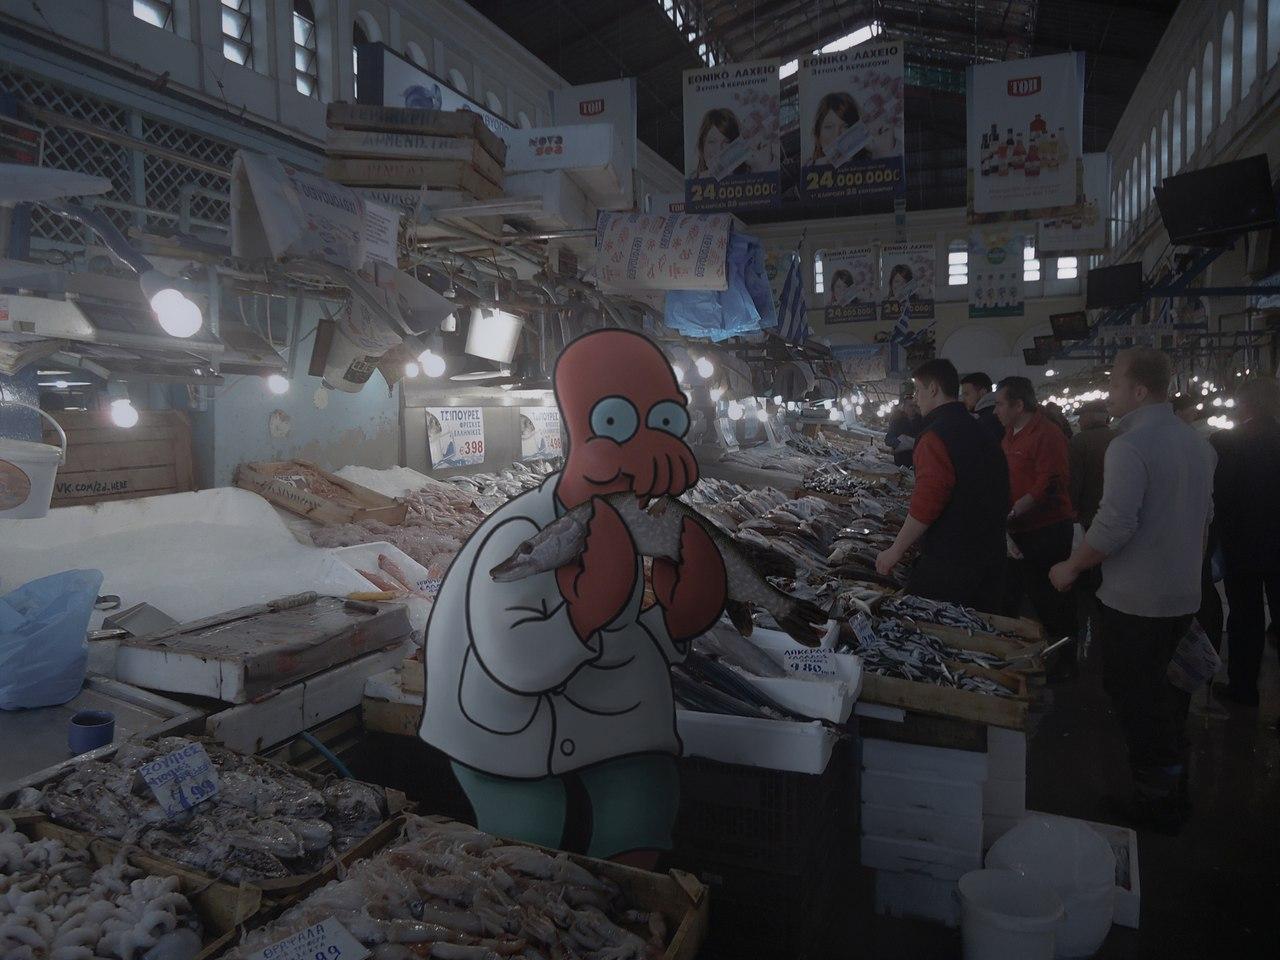 Доктор Зойдберг на рыбном рынке.